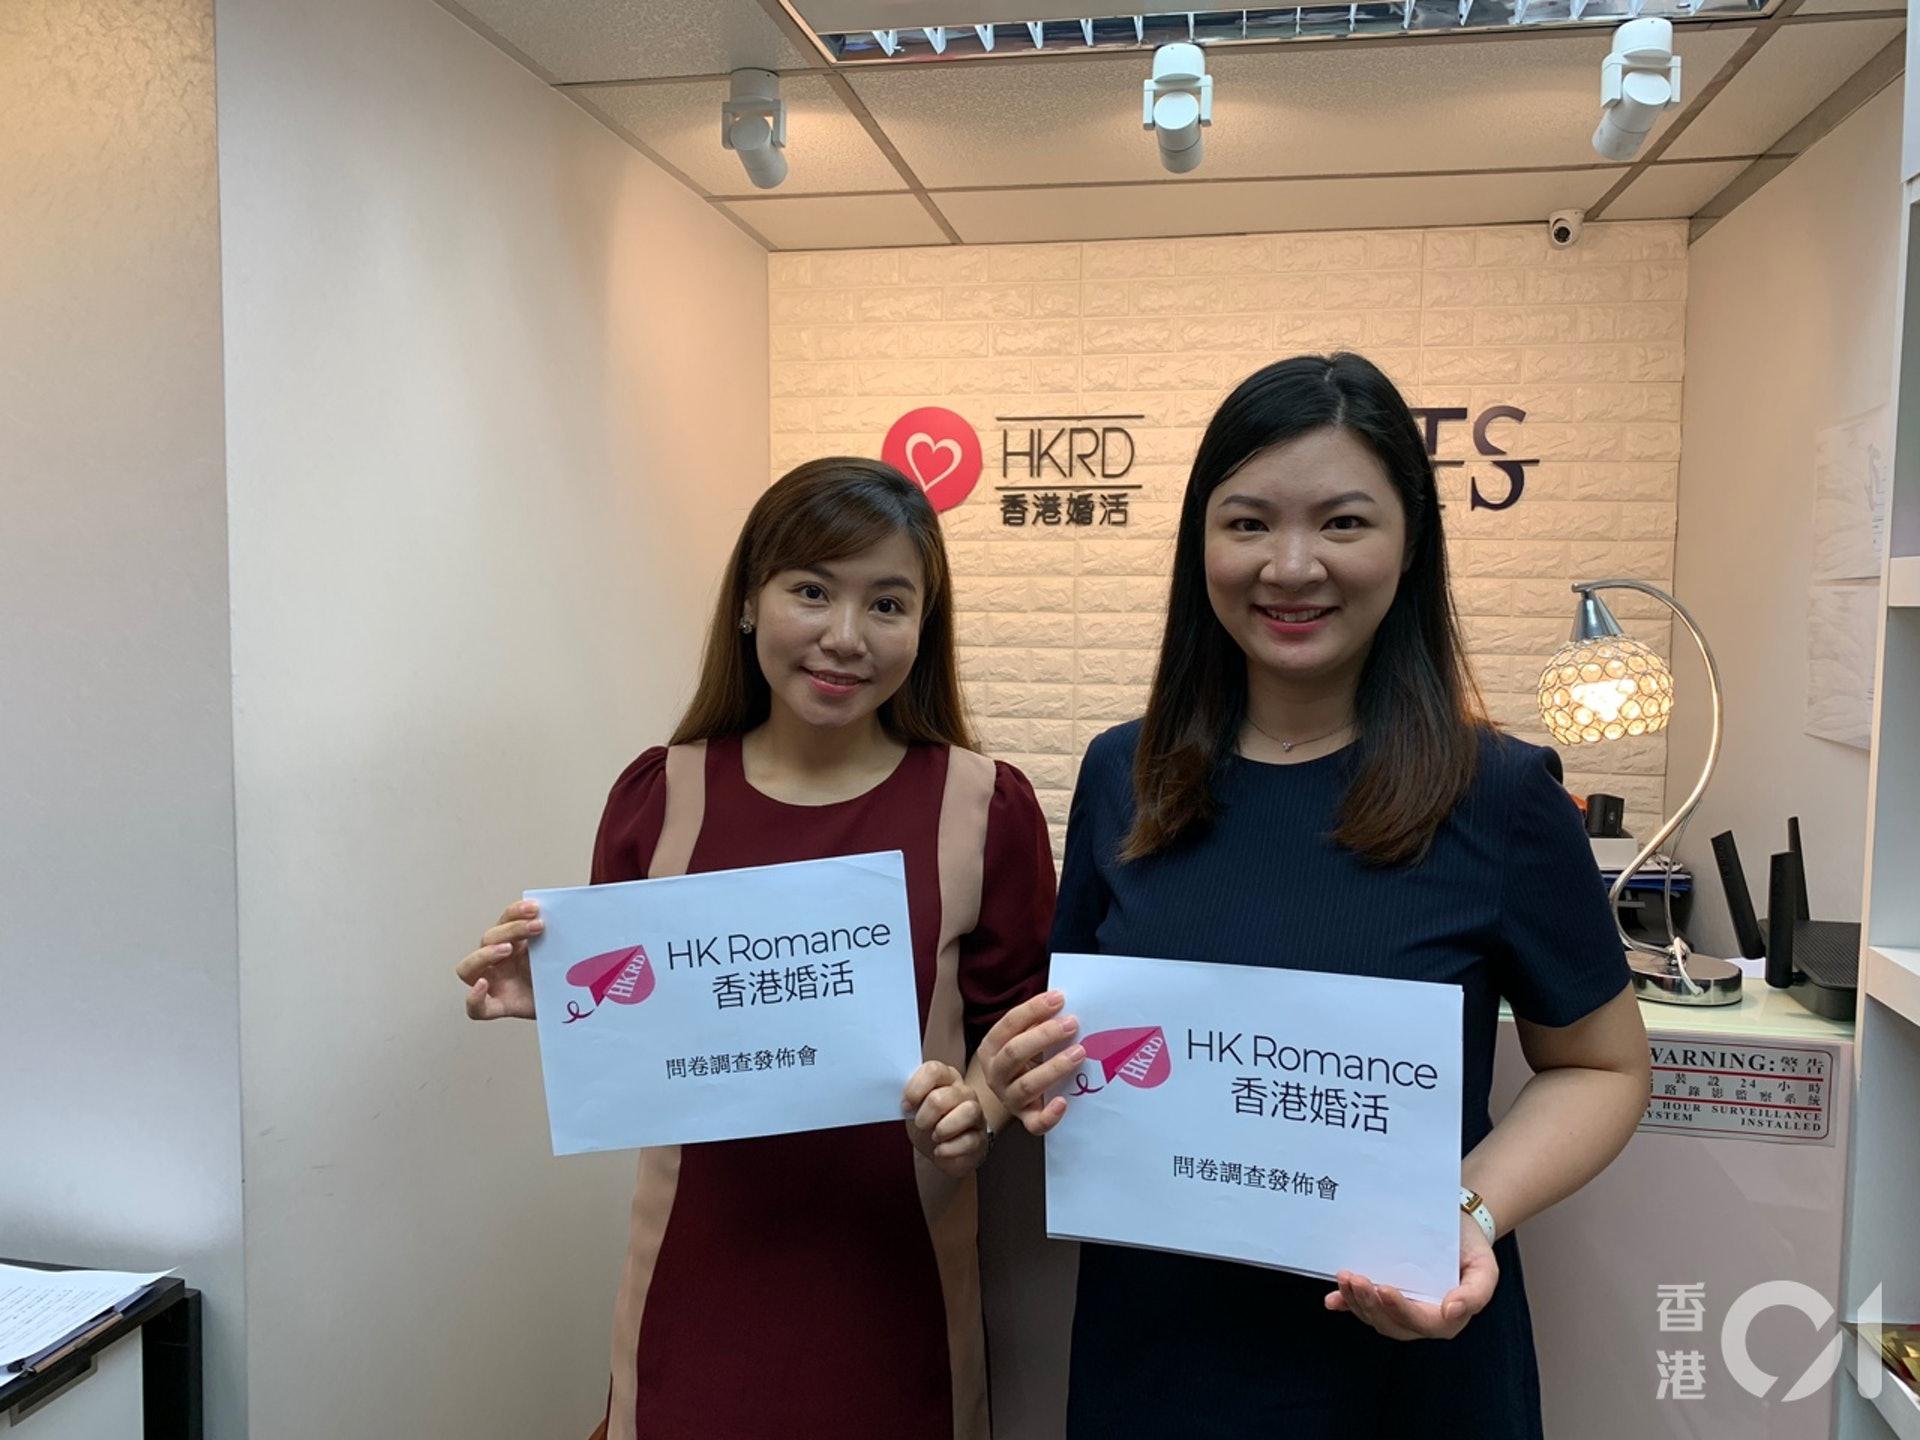 交友約會公司「HK Romance dating香港婚活」於6月就單身人士移民意向作調查。(張嘉敏攝)